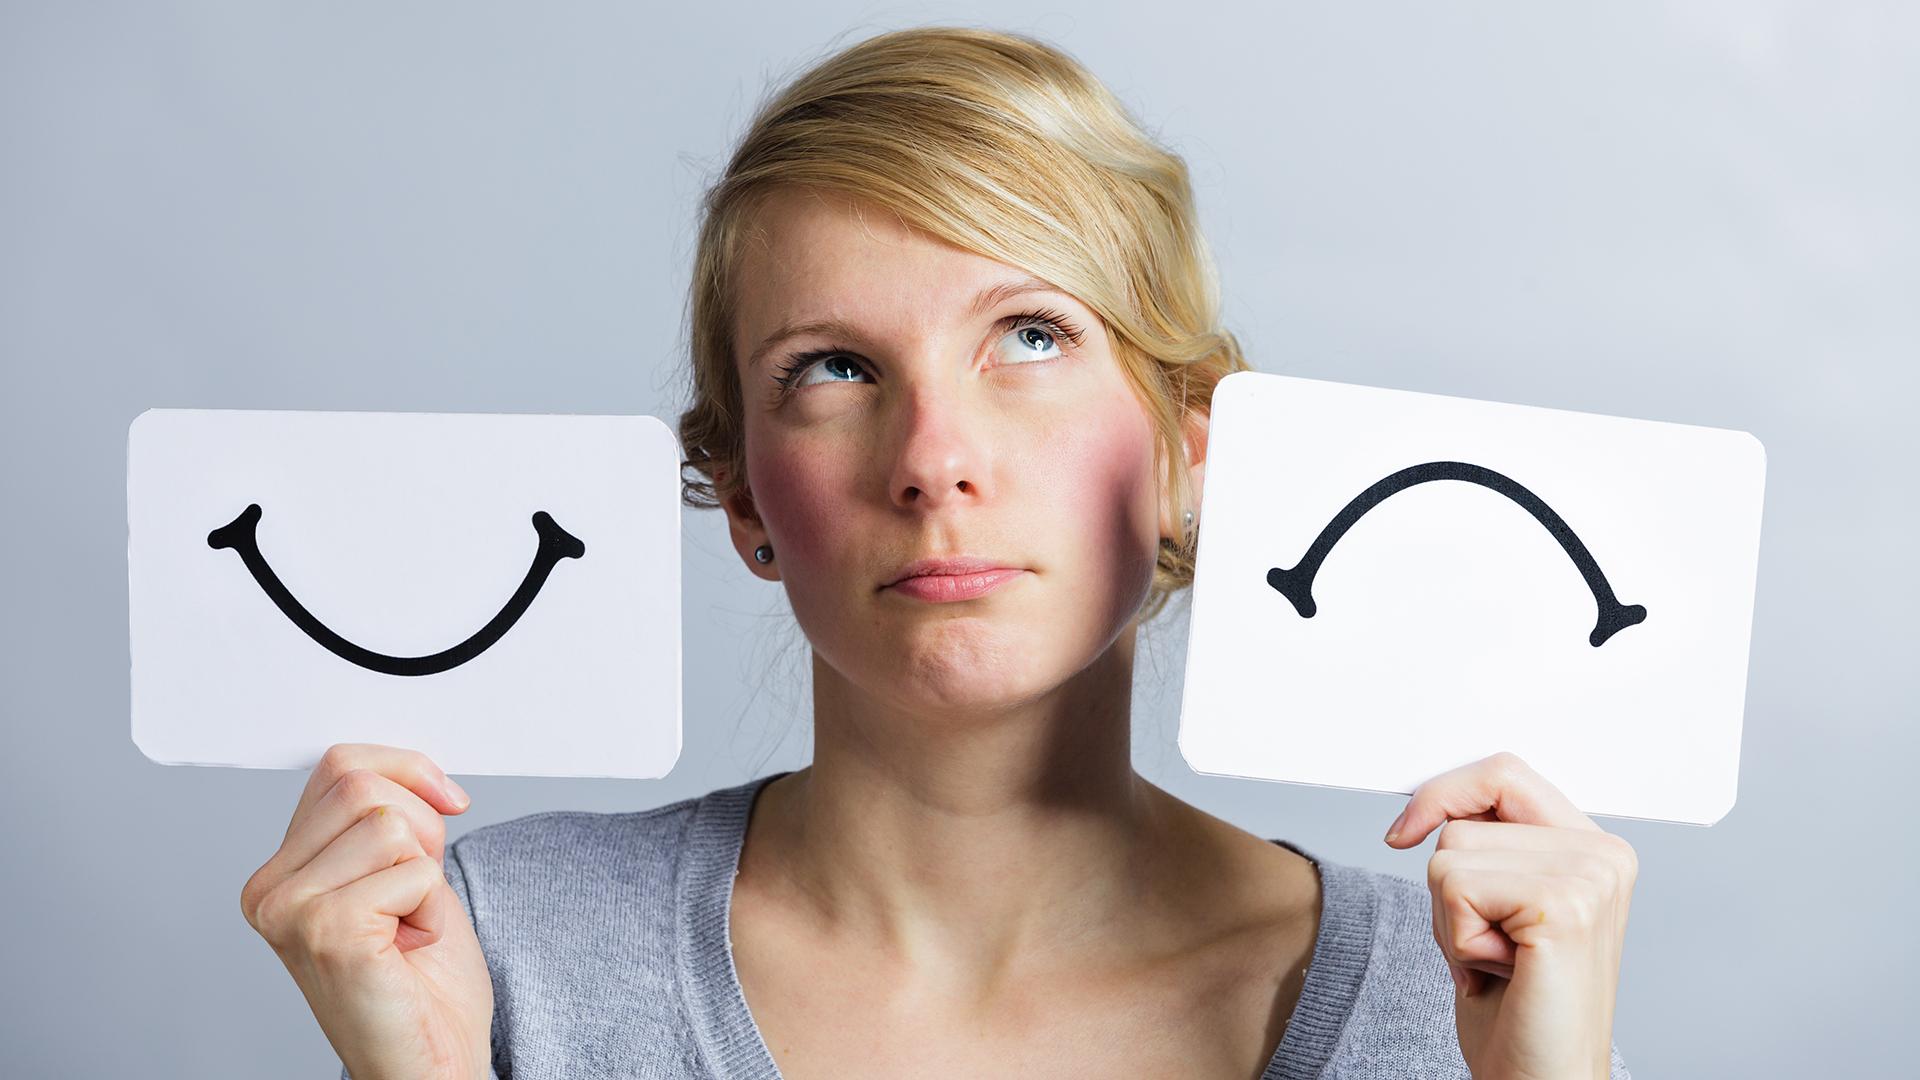 Bienestar vs. malestar: la mentalidad de cada uno hace la diferencia (Shutterstock)